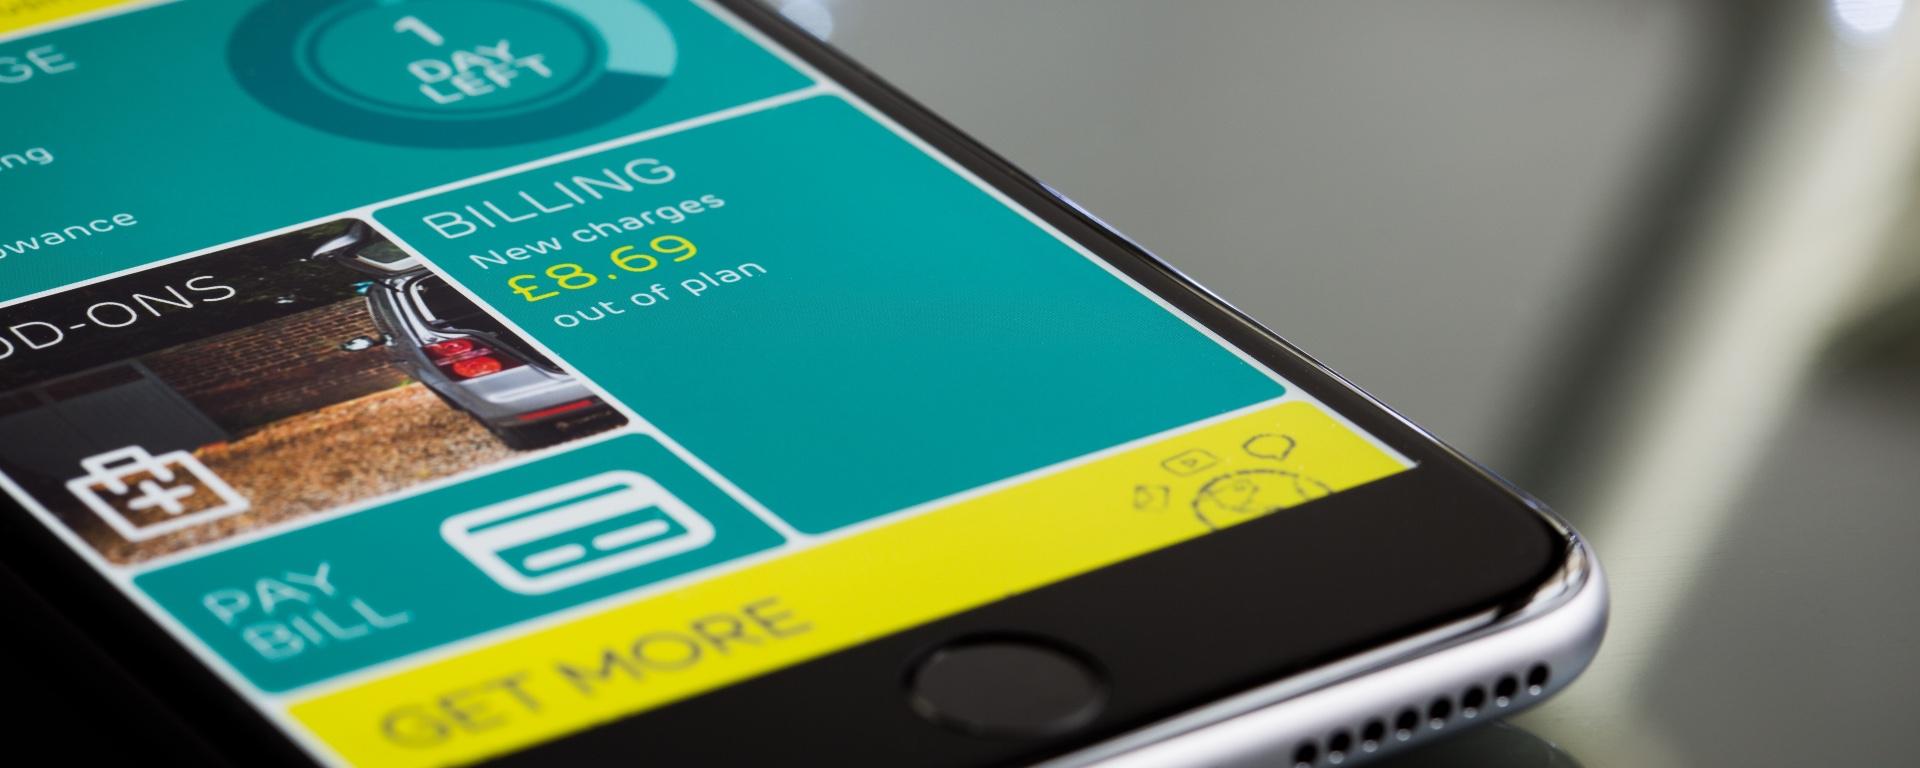 aplicativos de serviços financeiros